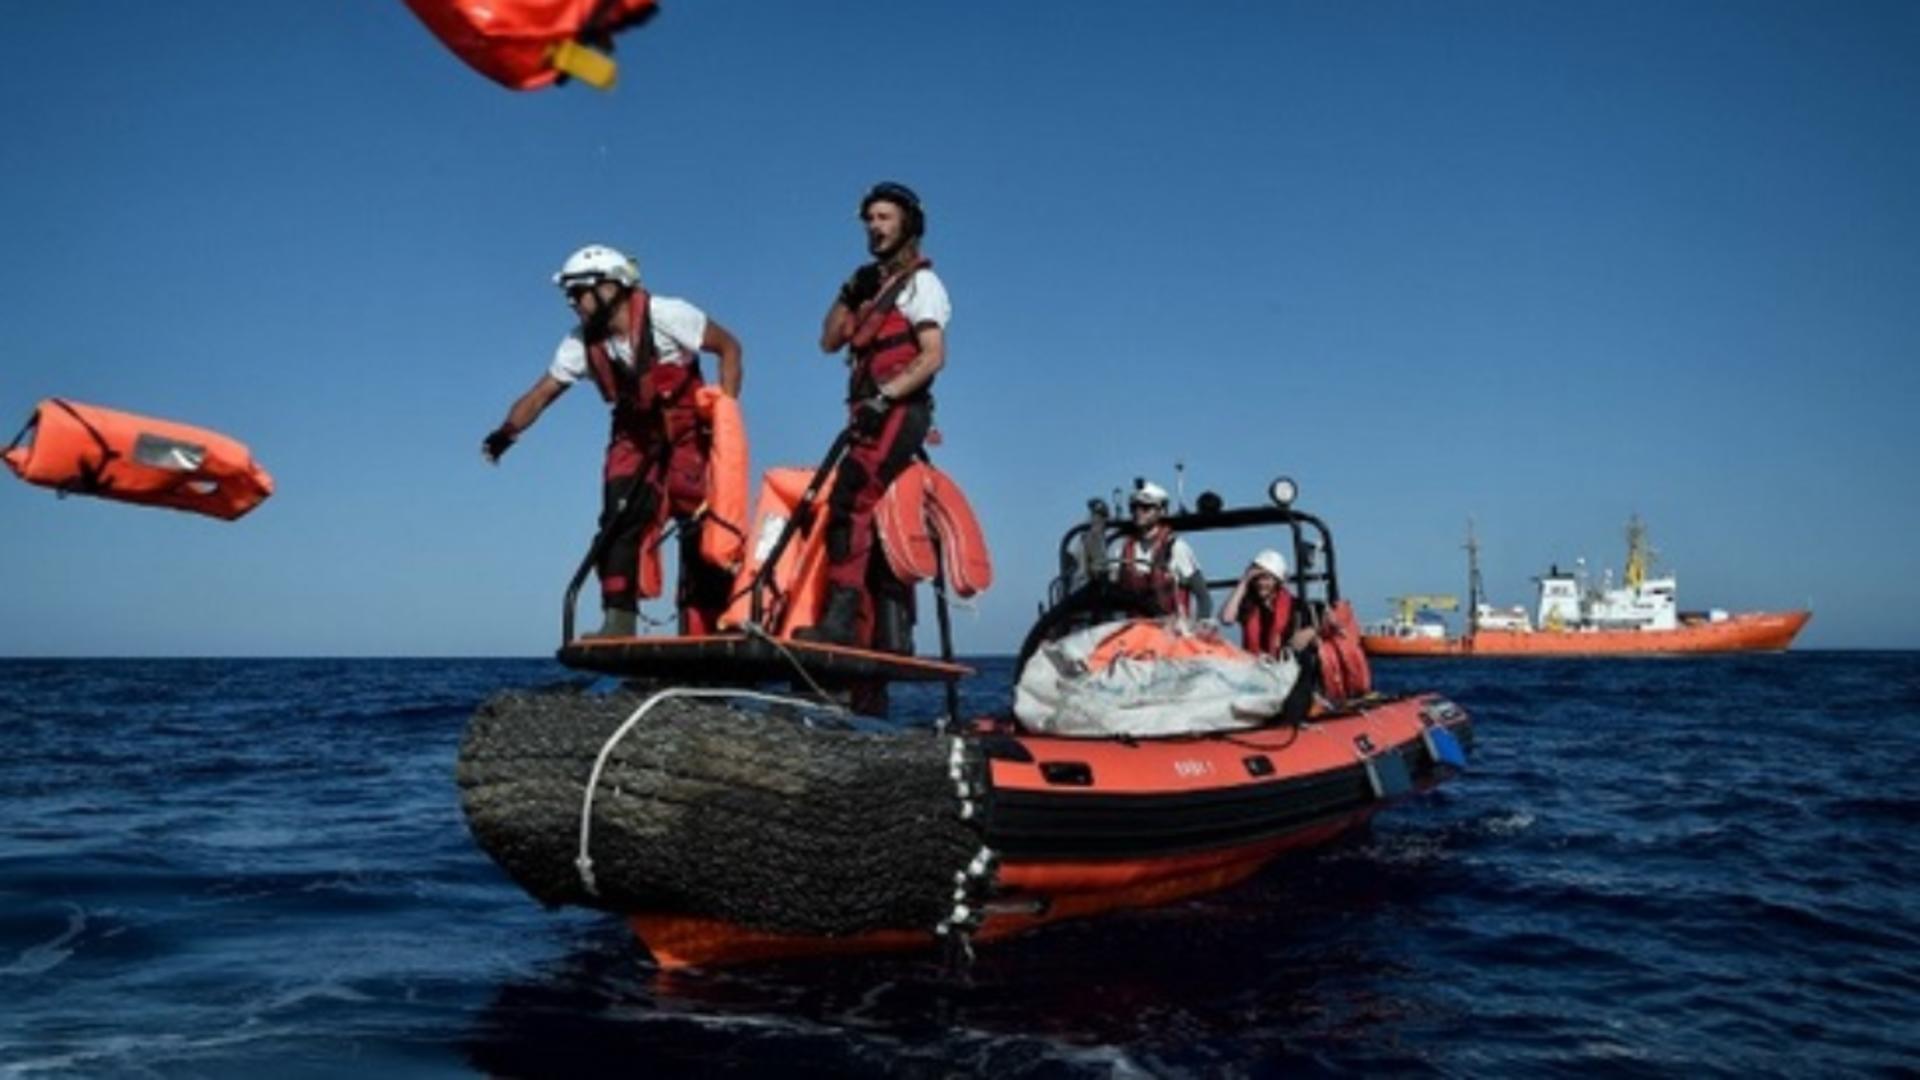 O ambarcaţiune supraaglomerată transportând foarte probabil imigranţi ilegali a naufragiat / Foto: Arhivă